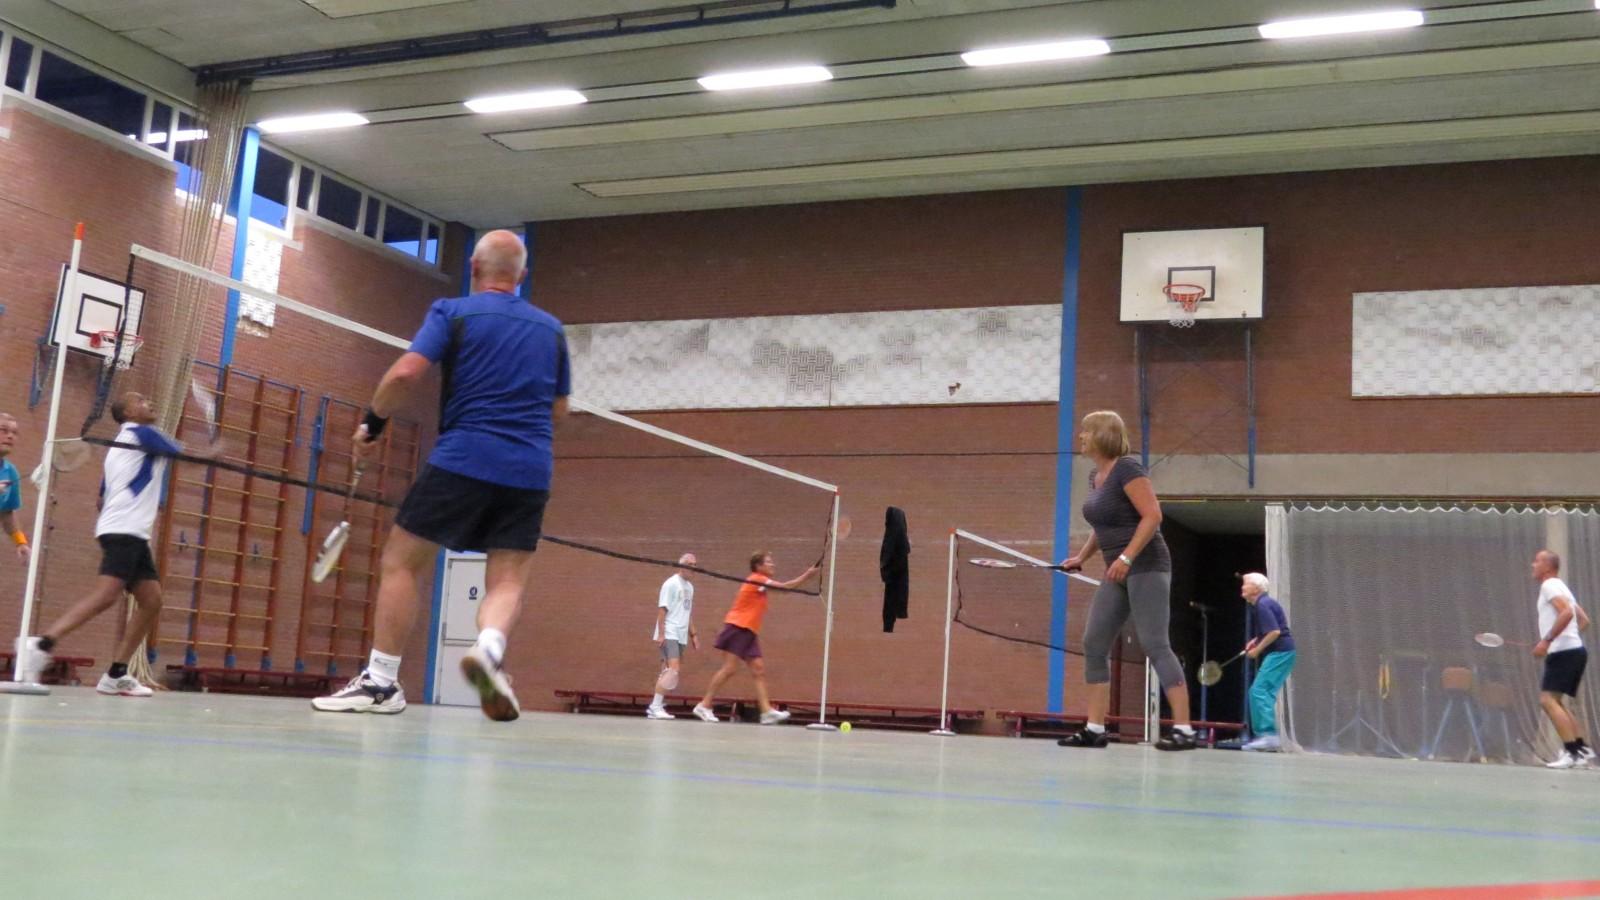 Badminton 2013d0911t2011a qzh ZoetermeerS Forresloo